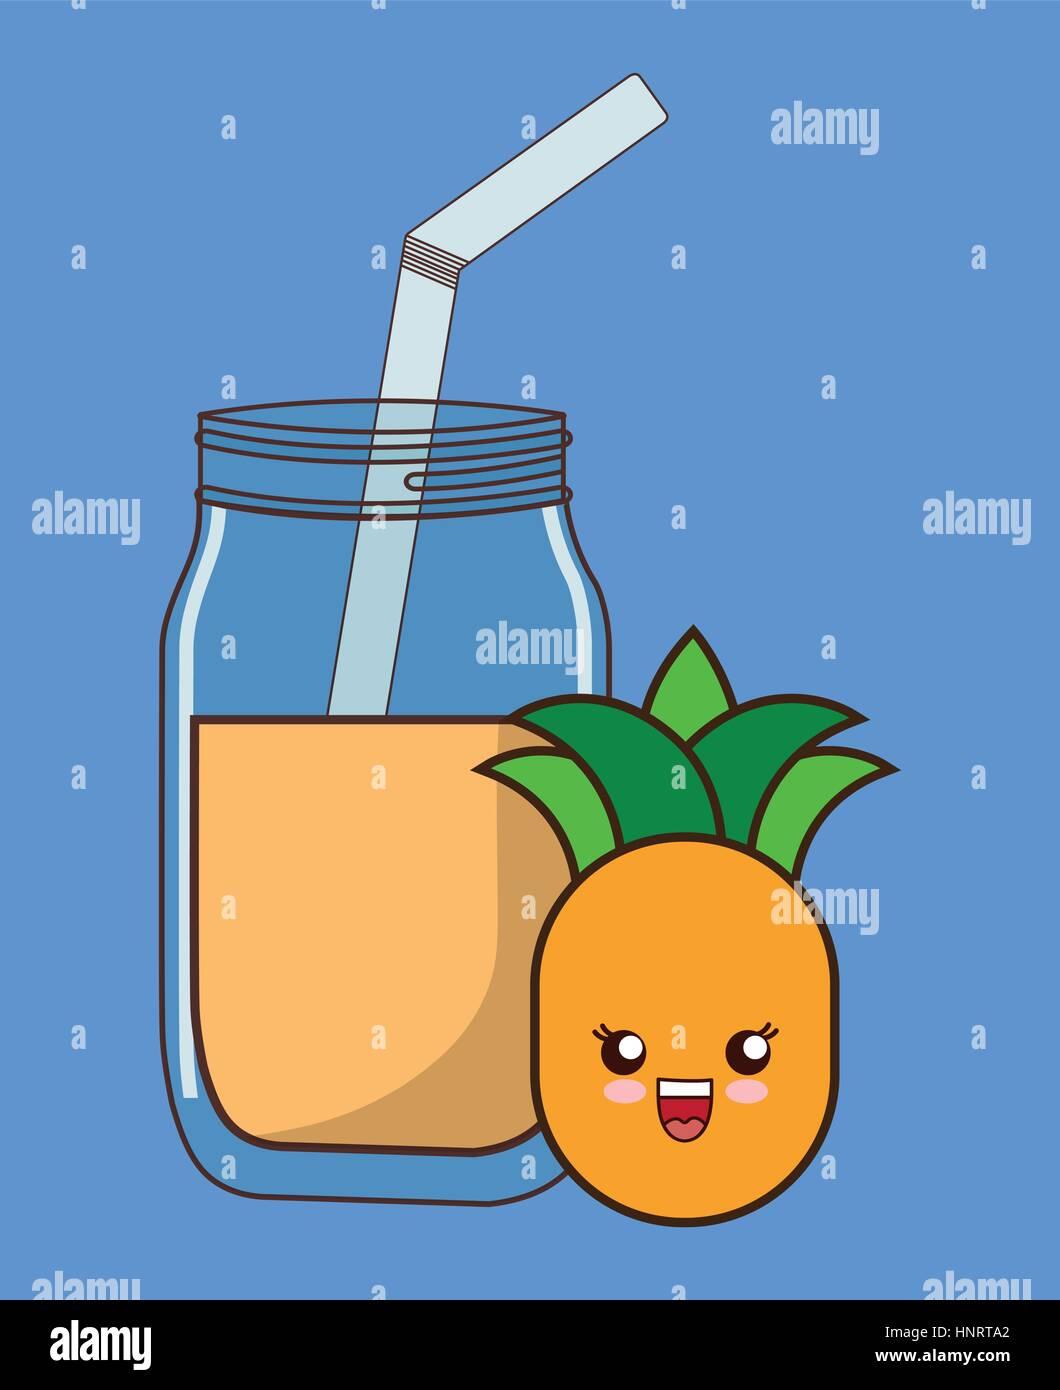 Ananas Succo Di Frutta Kawaii Cibo Immagine Dell Icona Illustrazione